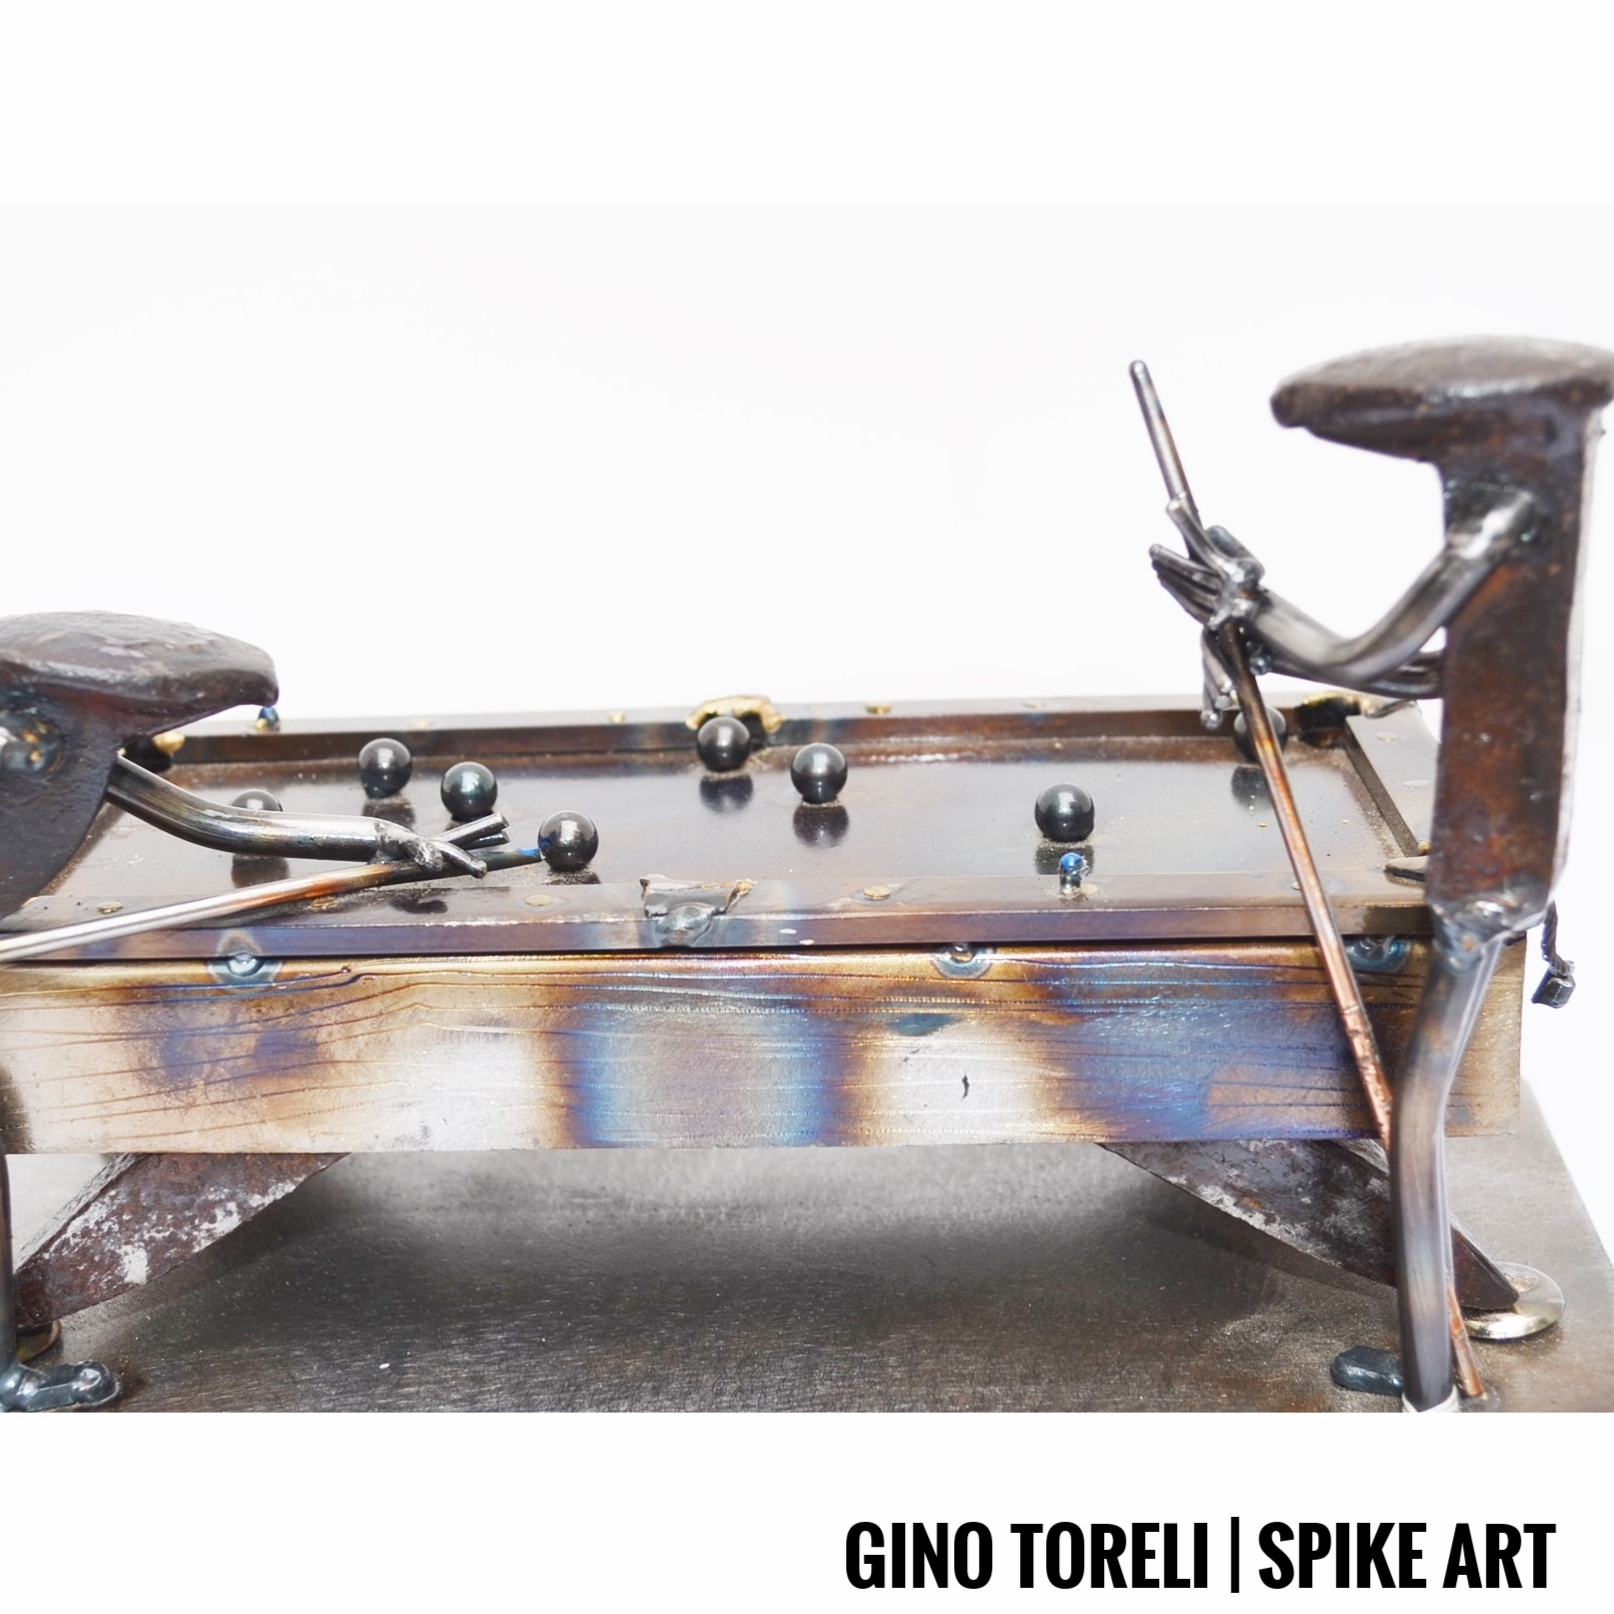 Gino Toreli | Spike Art